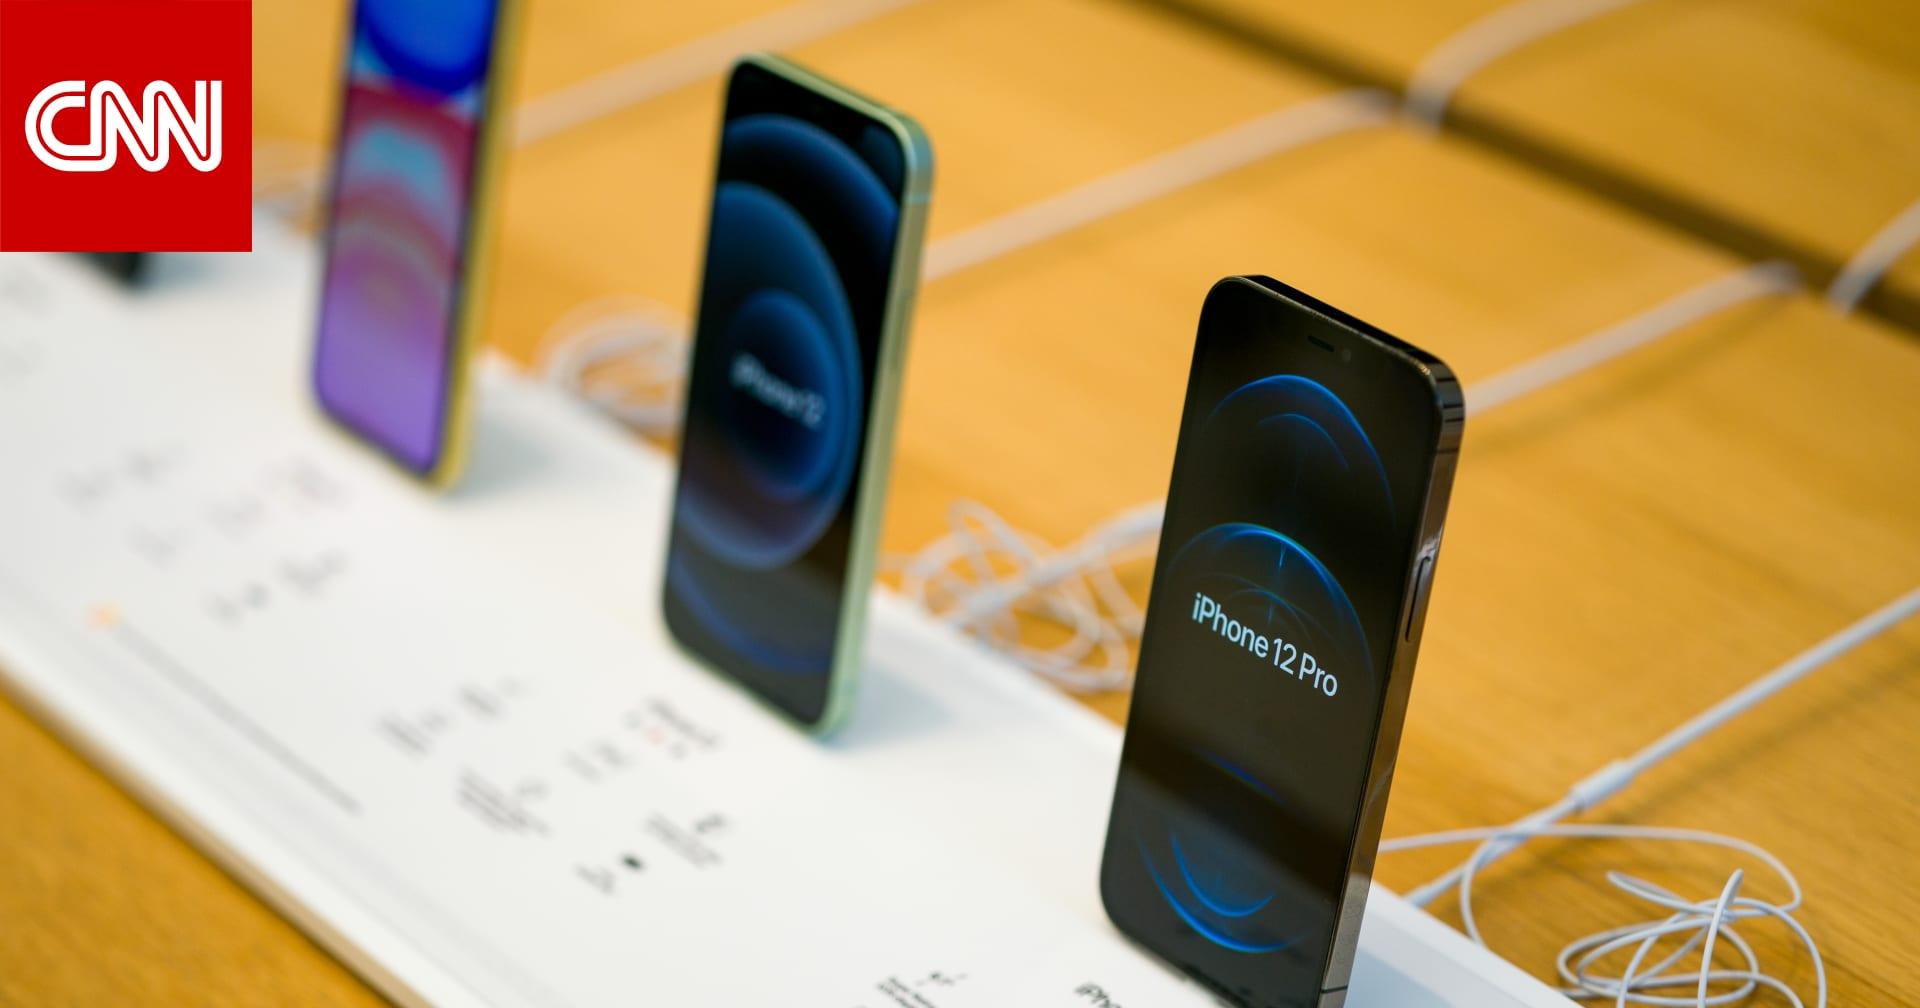 آبل تحذر من تأثير هواتفها الذكية على أجهزة تنظيم ضربات القلب